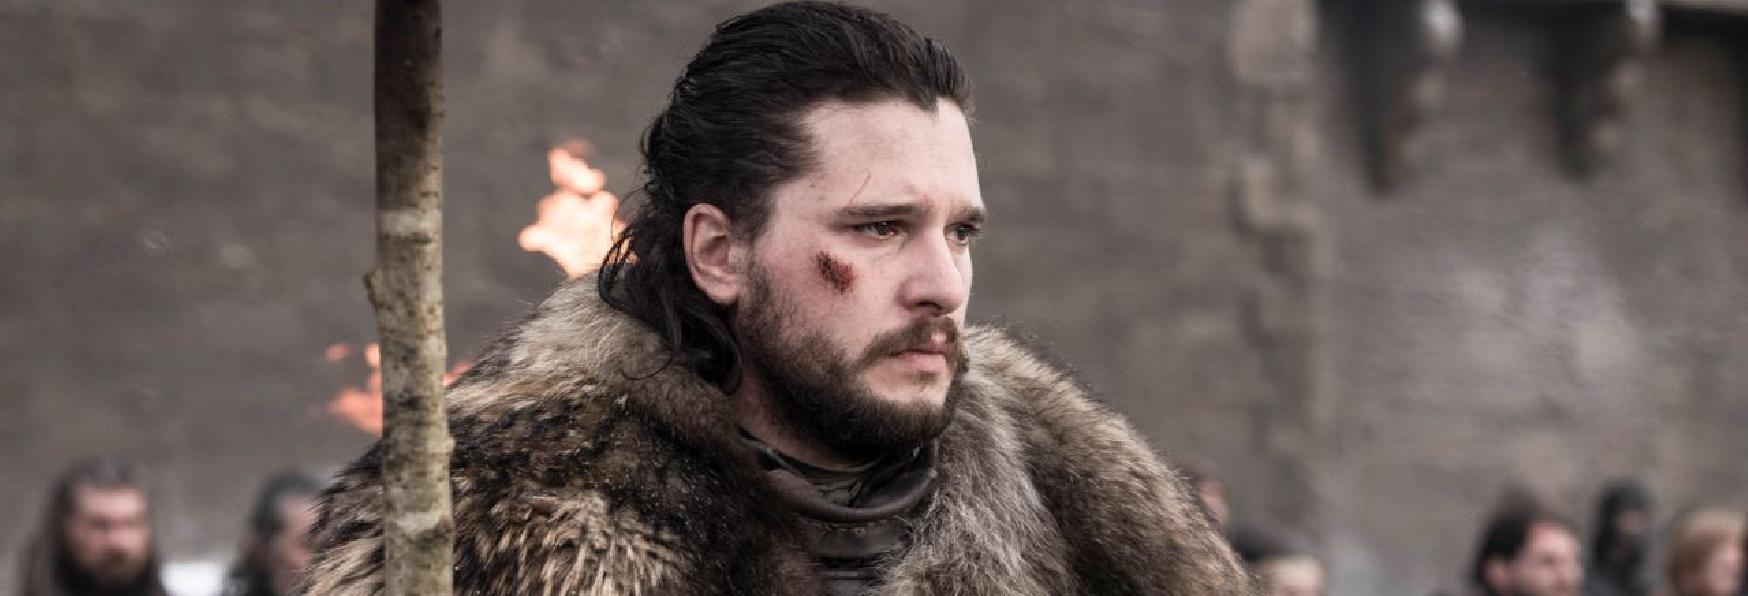 Game of Thrones 8x04: Anticipazioni, foto e Previsioni dell'Episodio di Lunedì